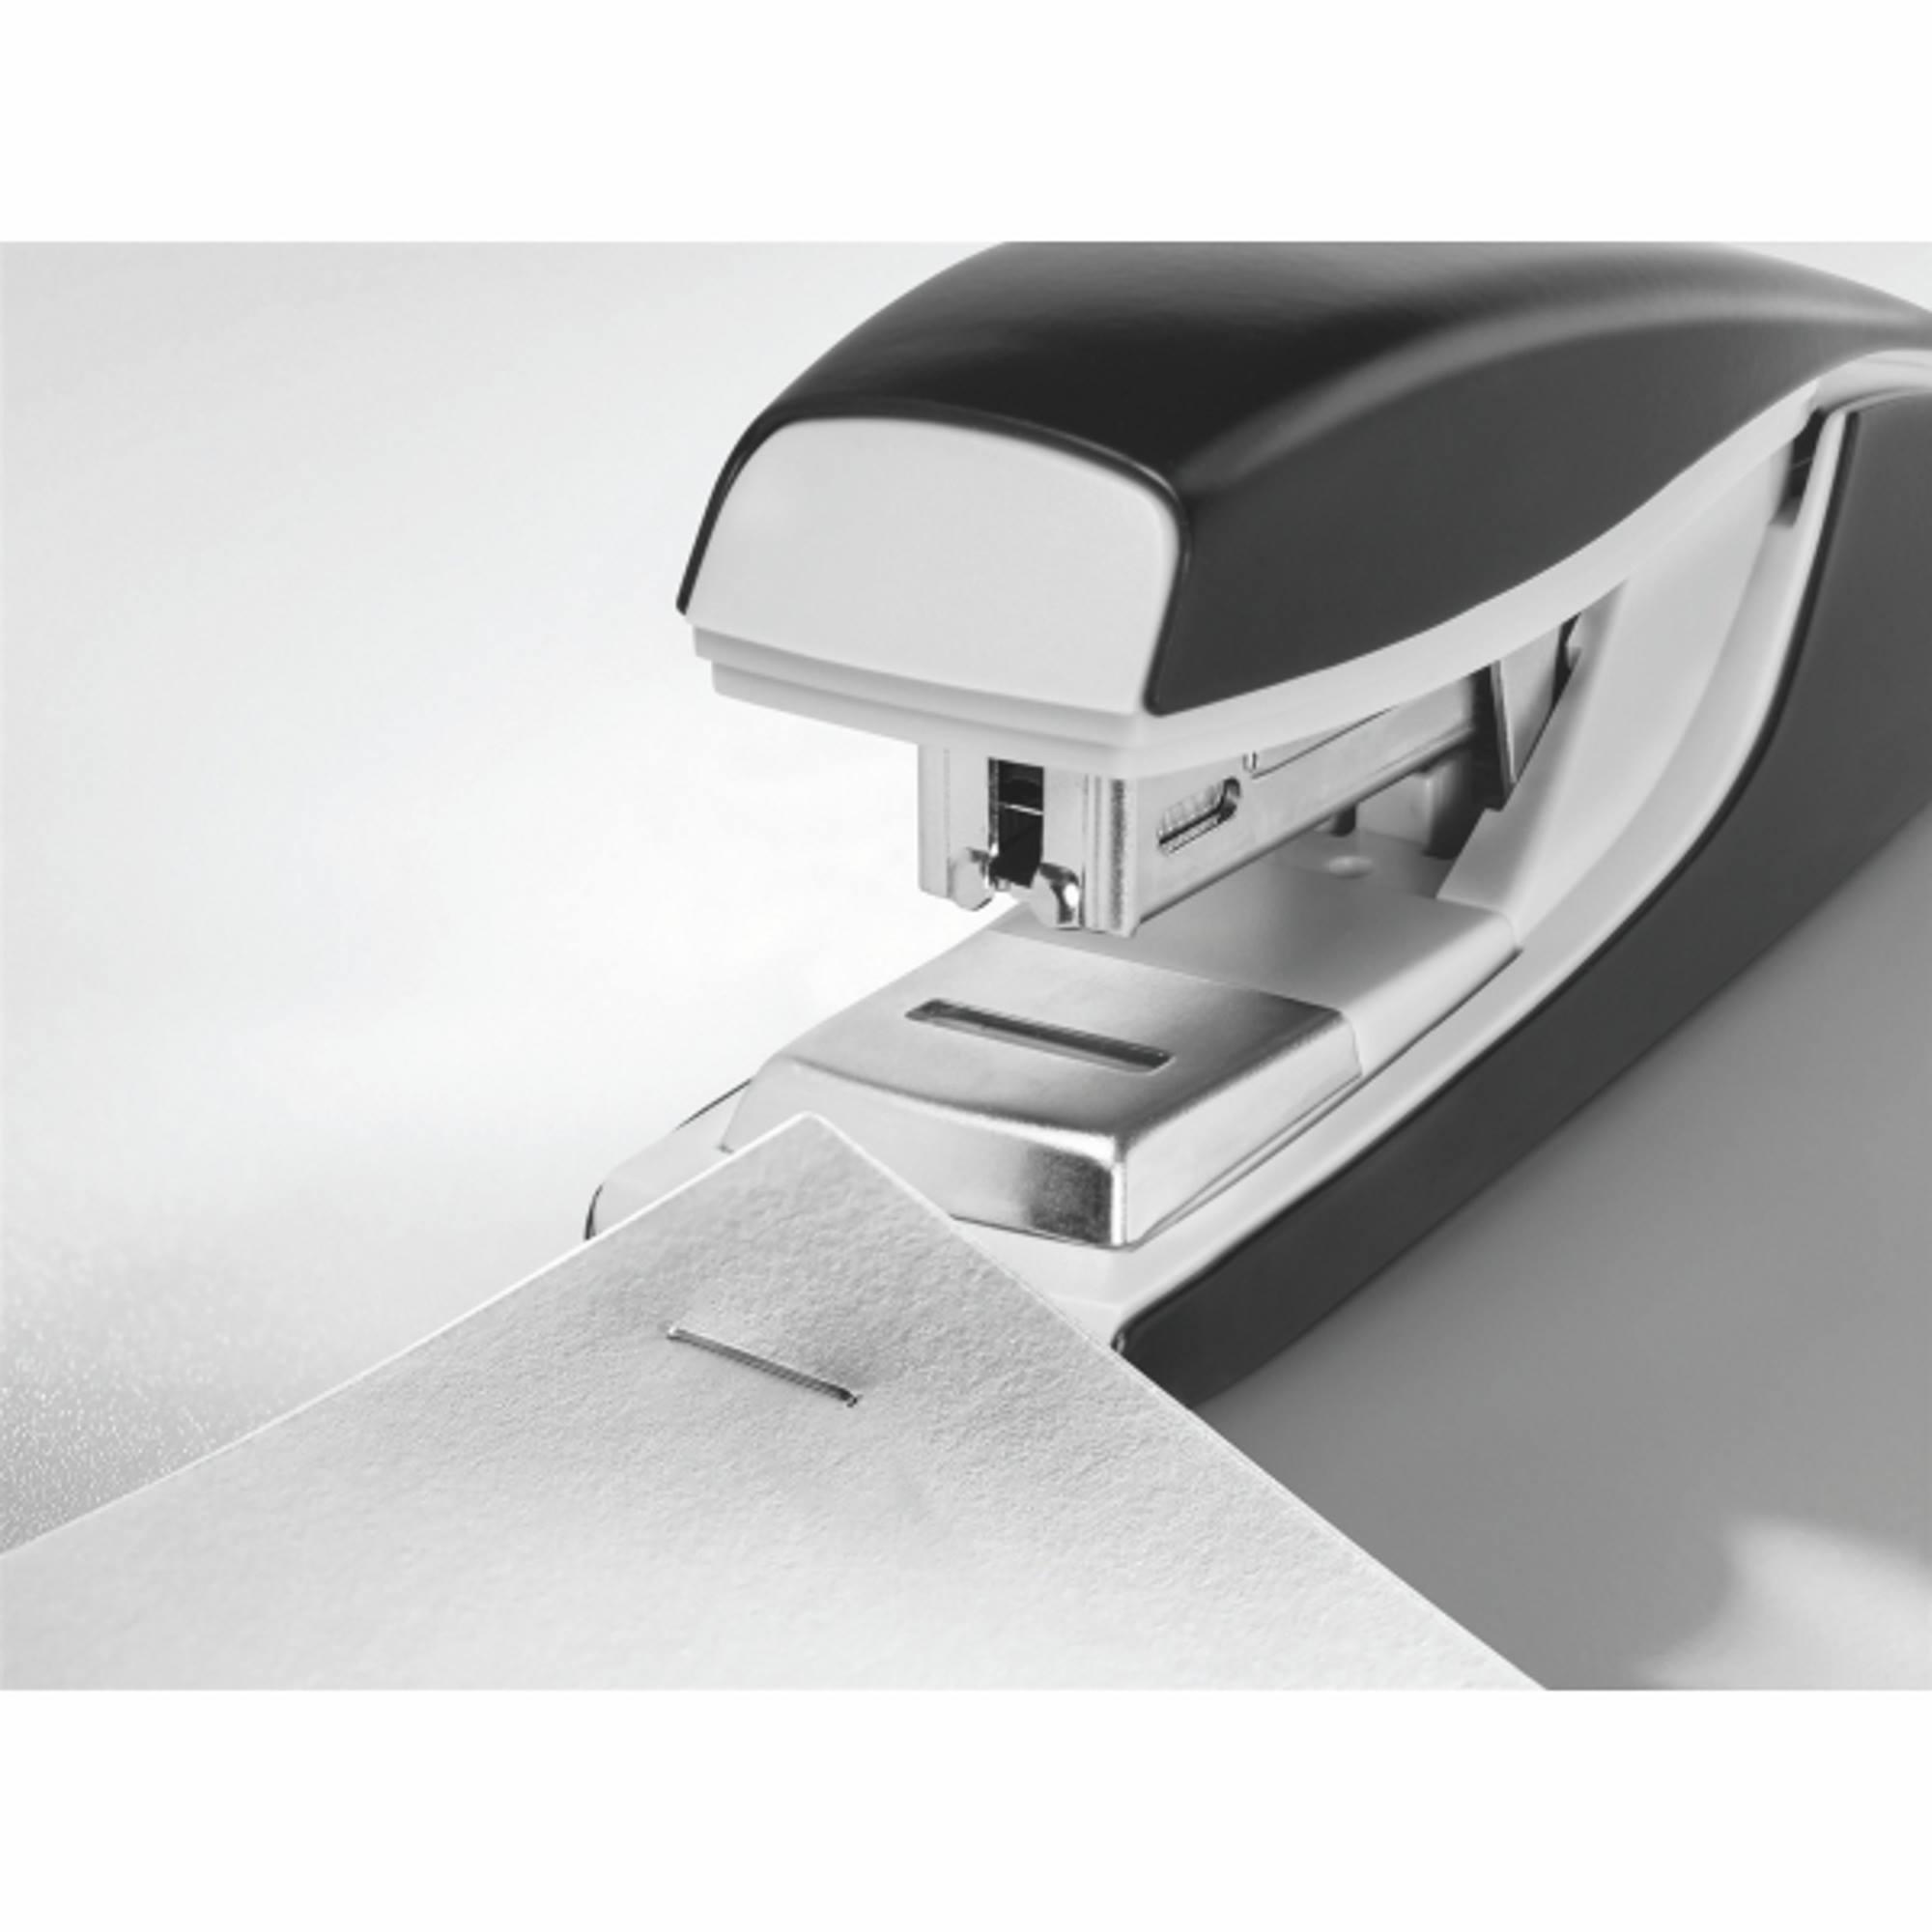 30 Blatt rot LEITZ Flachheftgerät Nexxt 5505